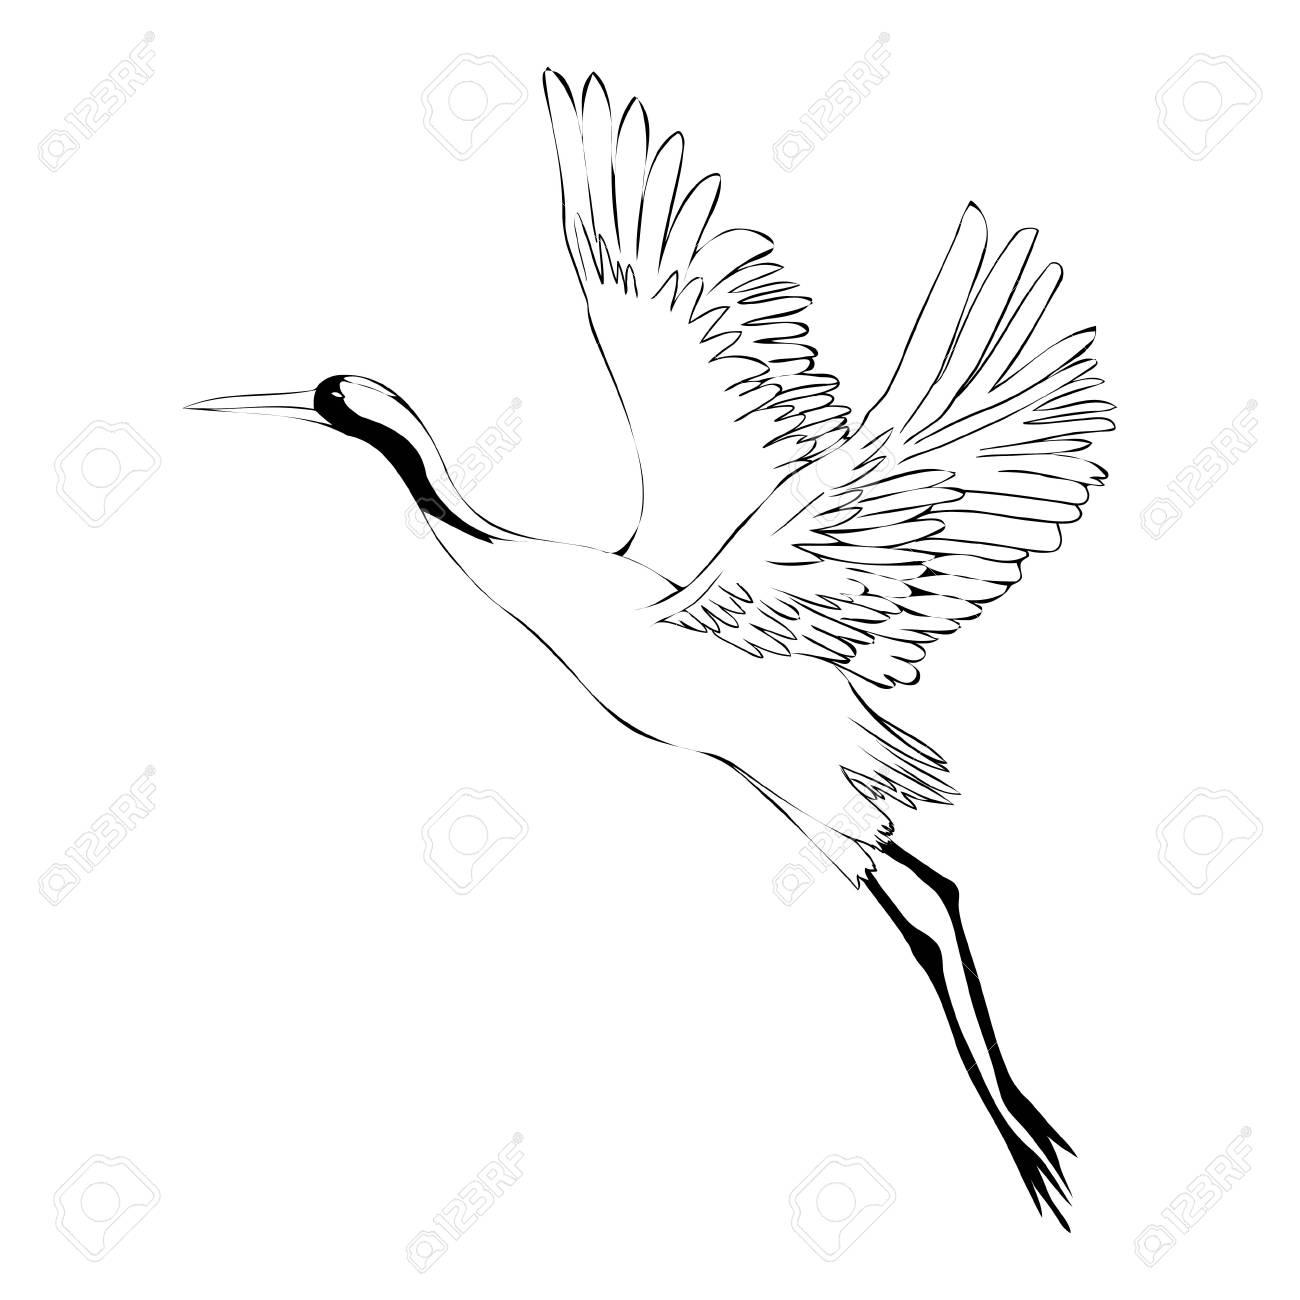 鳥鶴のイラスト。孤立オブジェクト の写真素材・画像素材 Image 93059317.